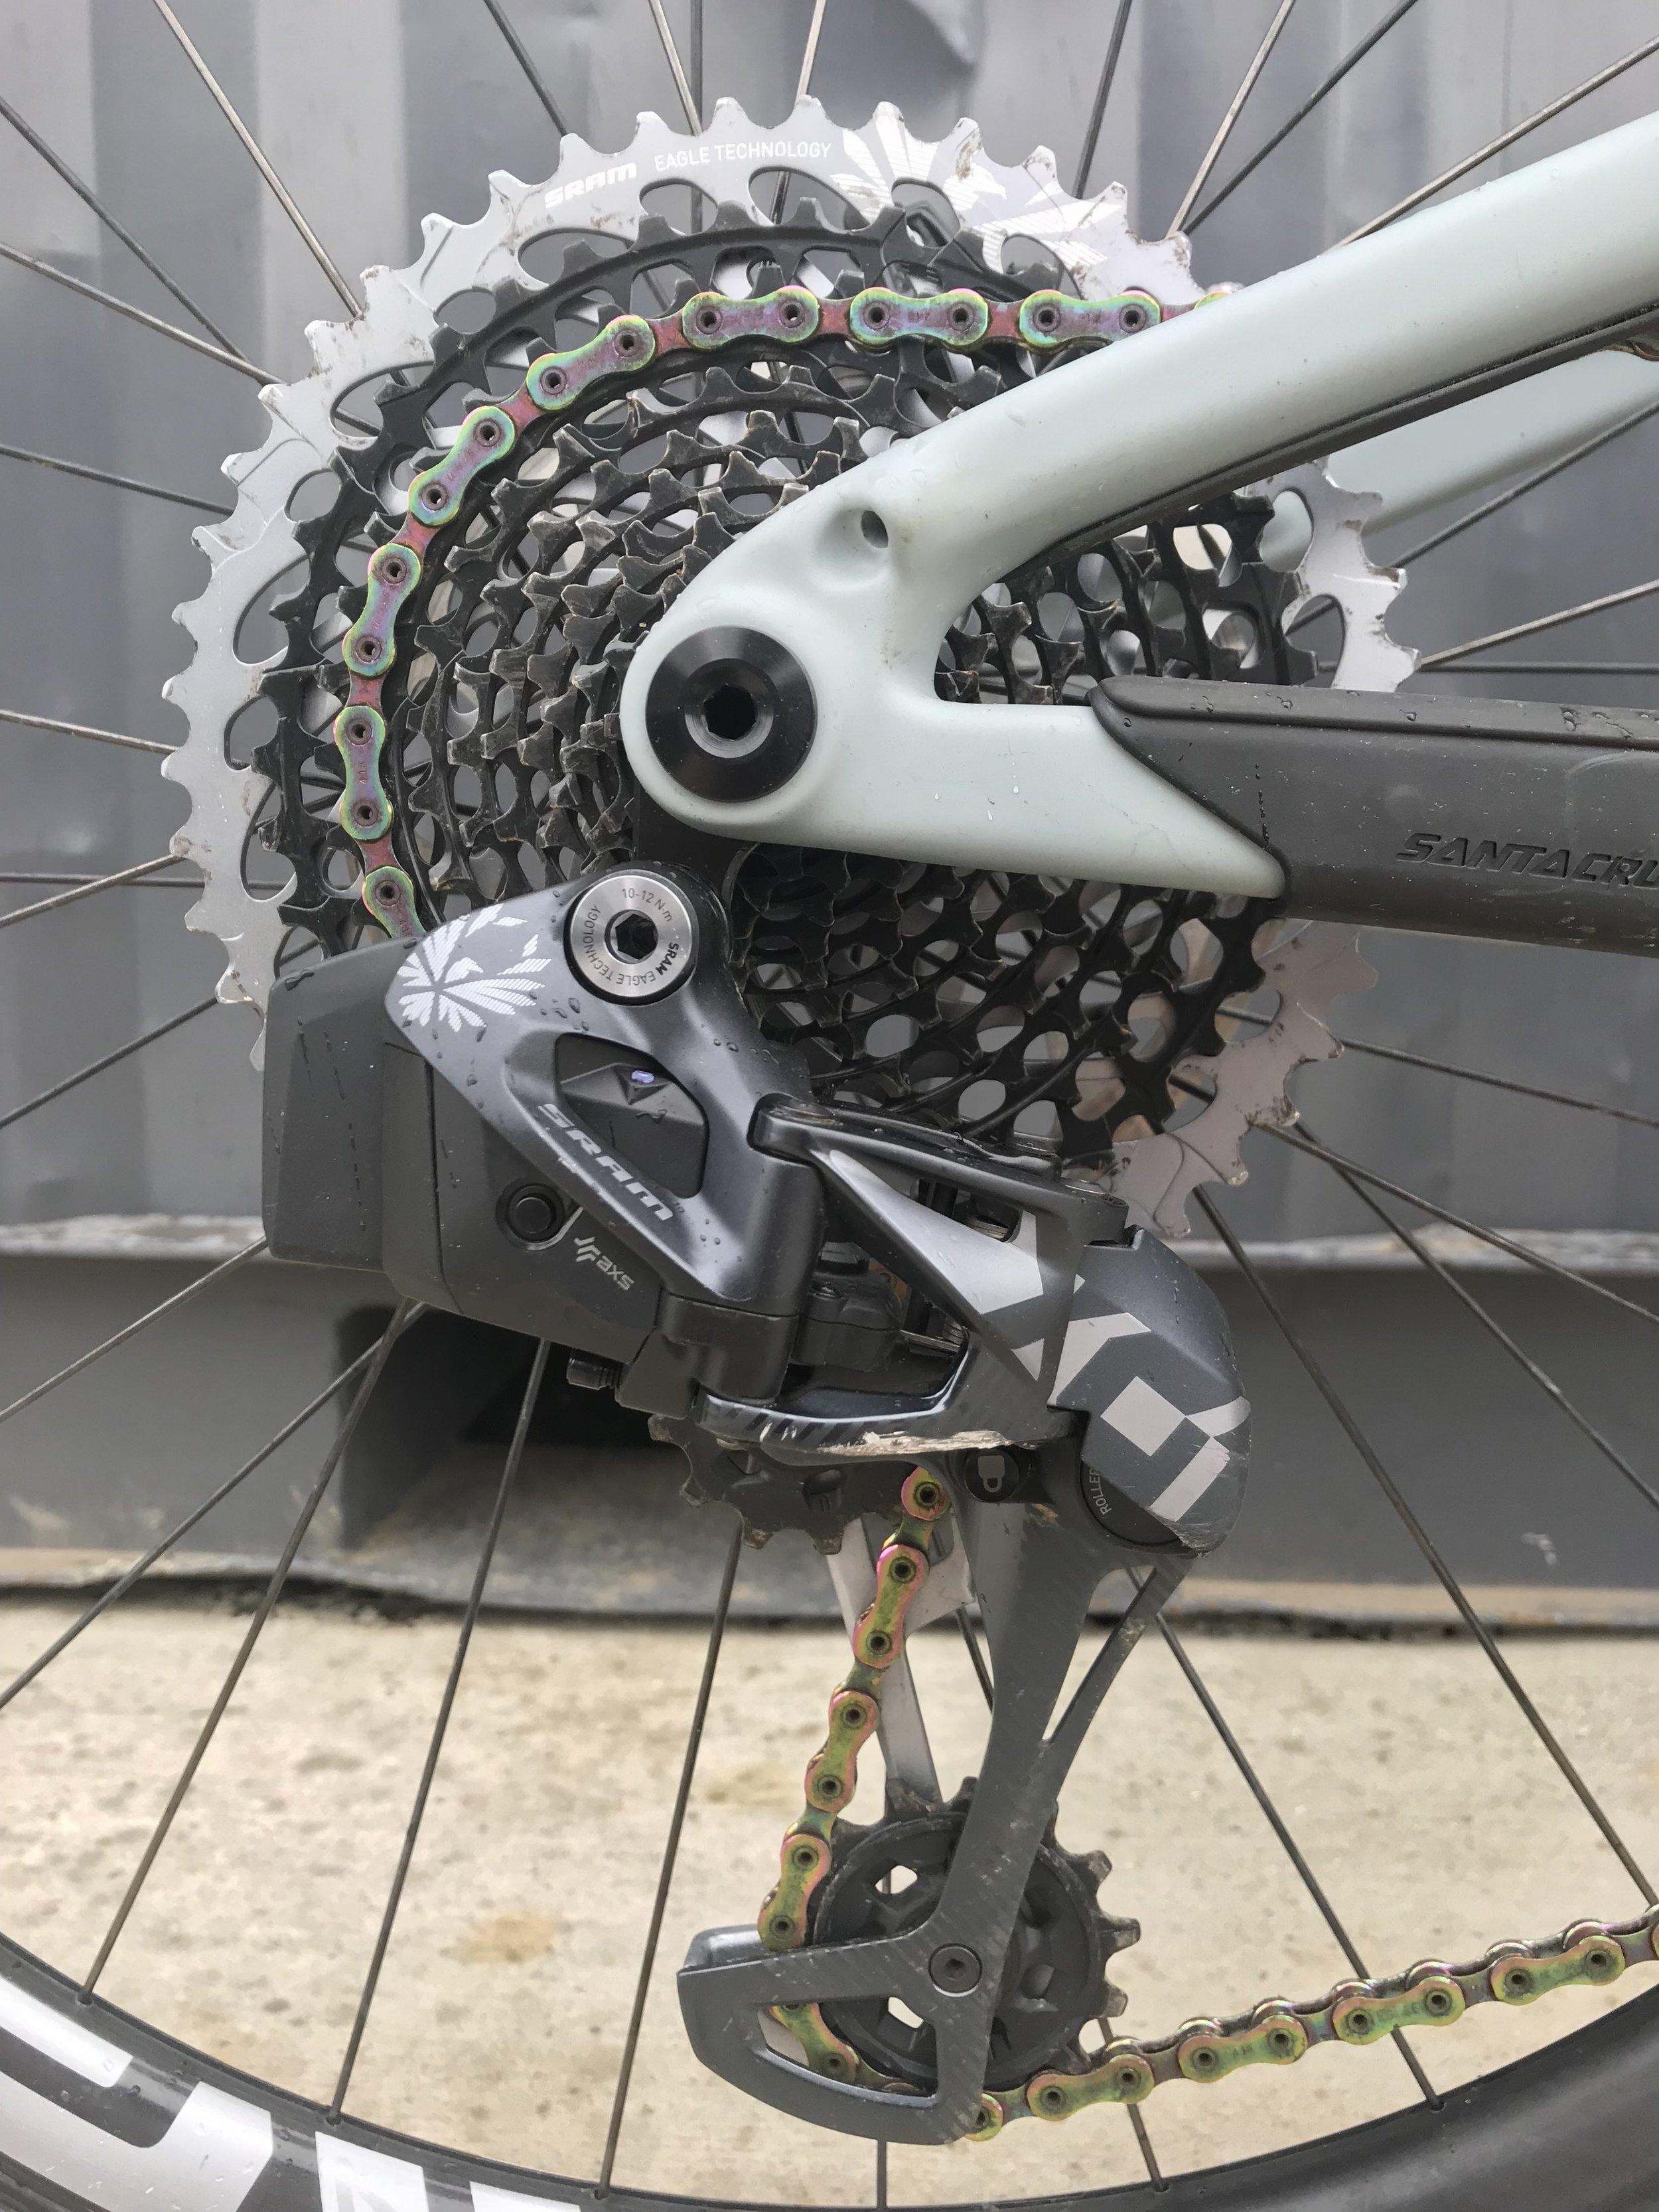 ワイヤレス電動ディレイラー。バイクを組むときはこれを付けるだけ。めんどなワイヤー類の取り回しなんてありません。ゲームチェンジャー。